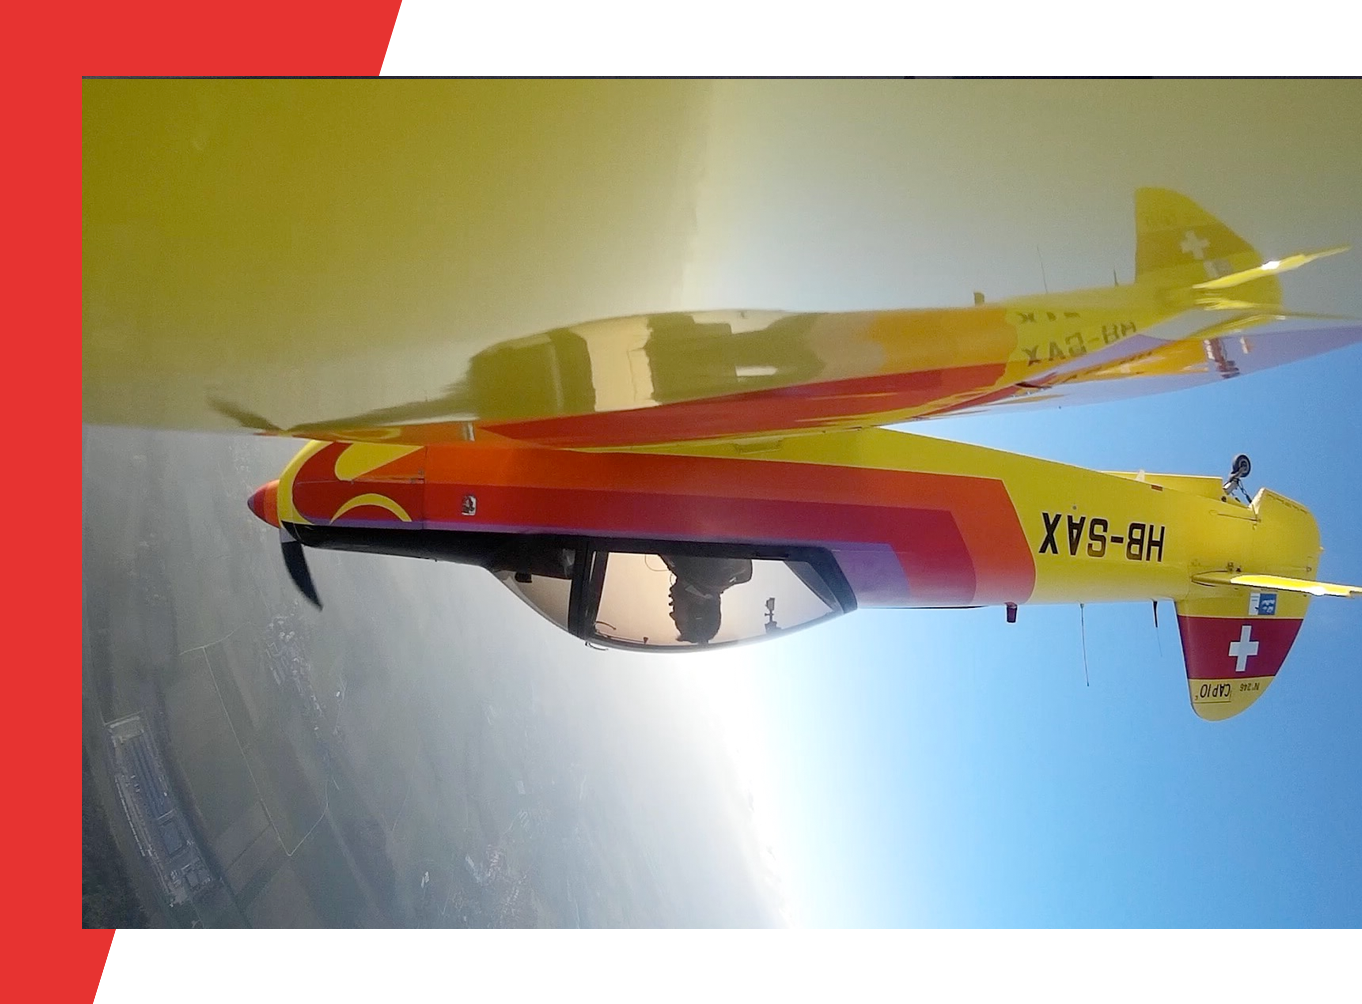 https://www.lausanne-aeroclub.ch/wp-content/uploads/2019/10/plane_Cap10.png